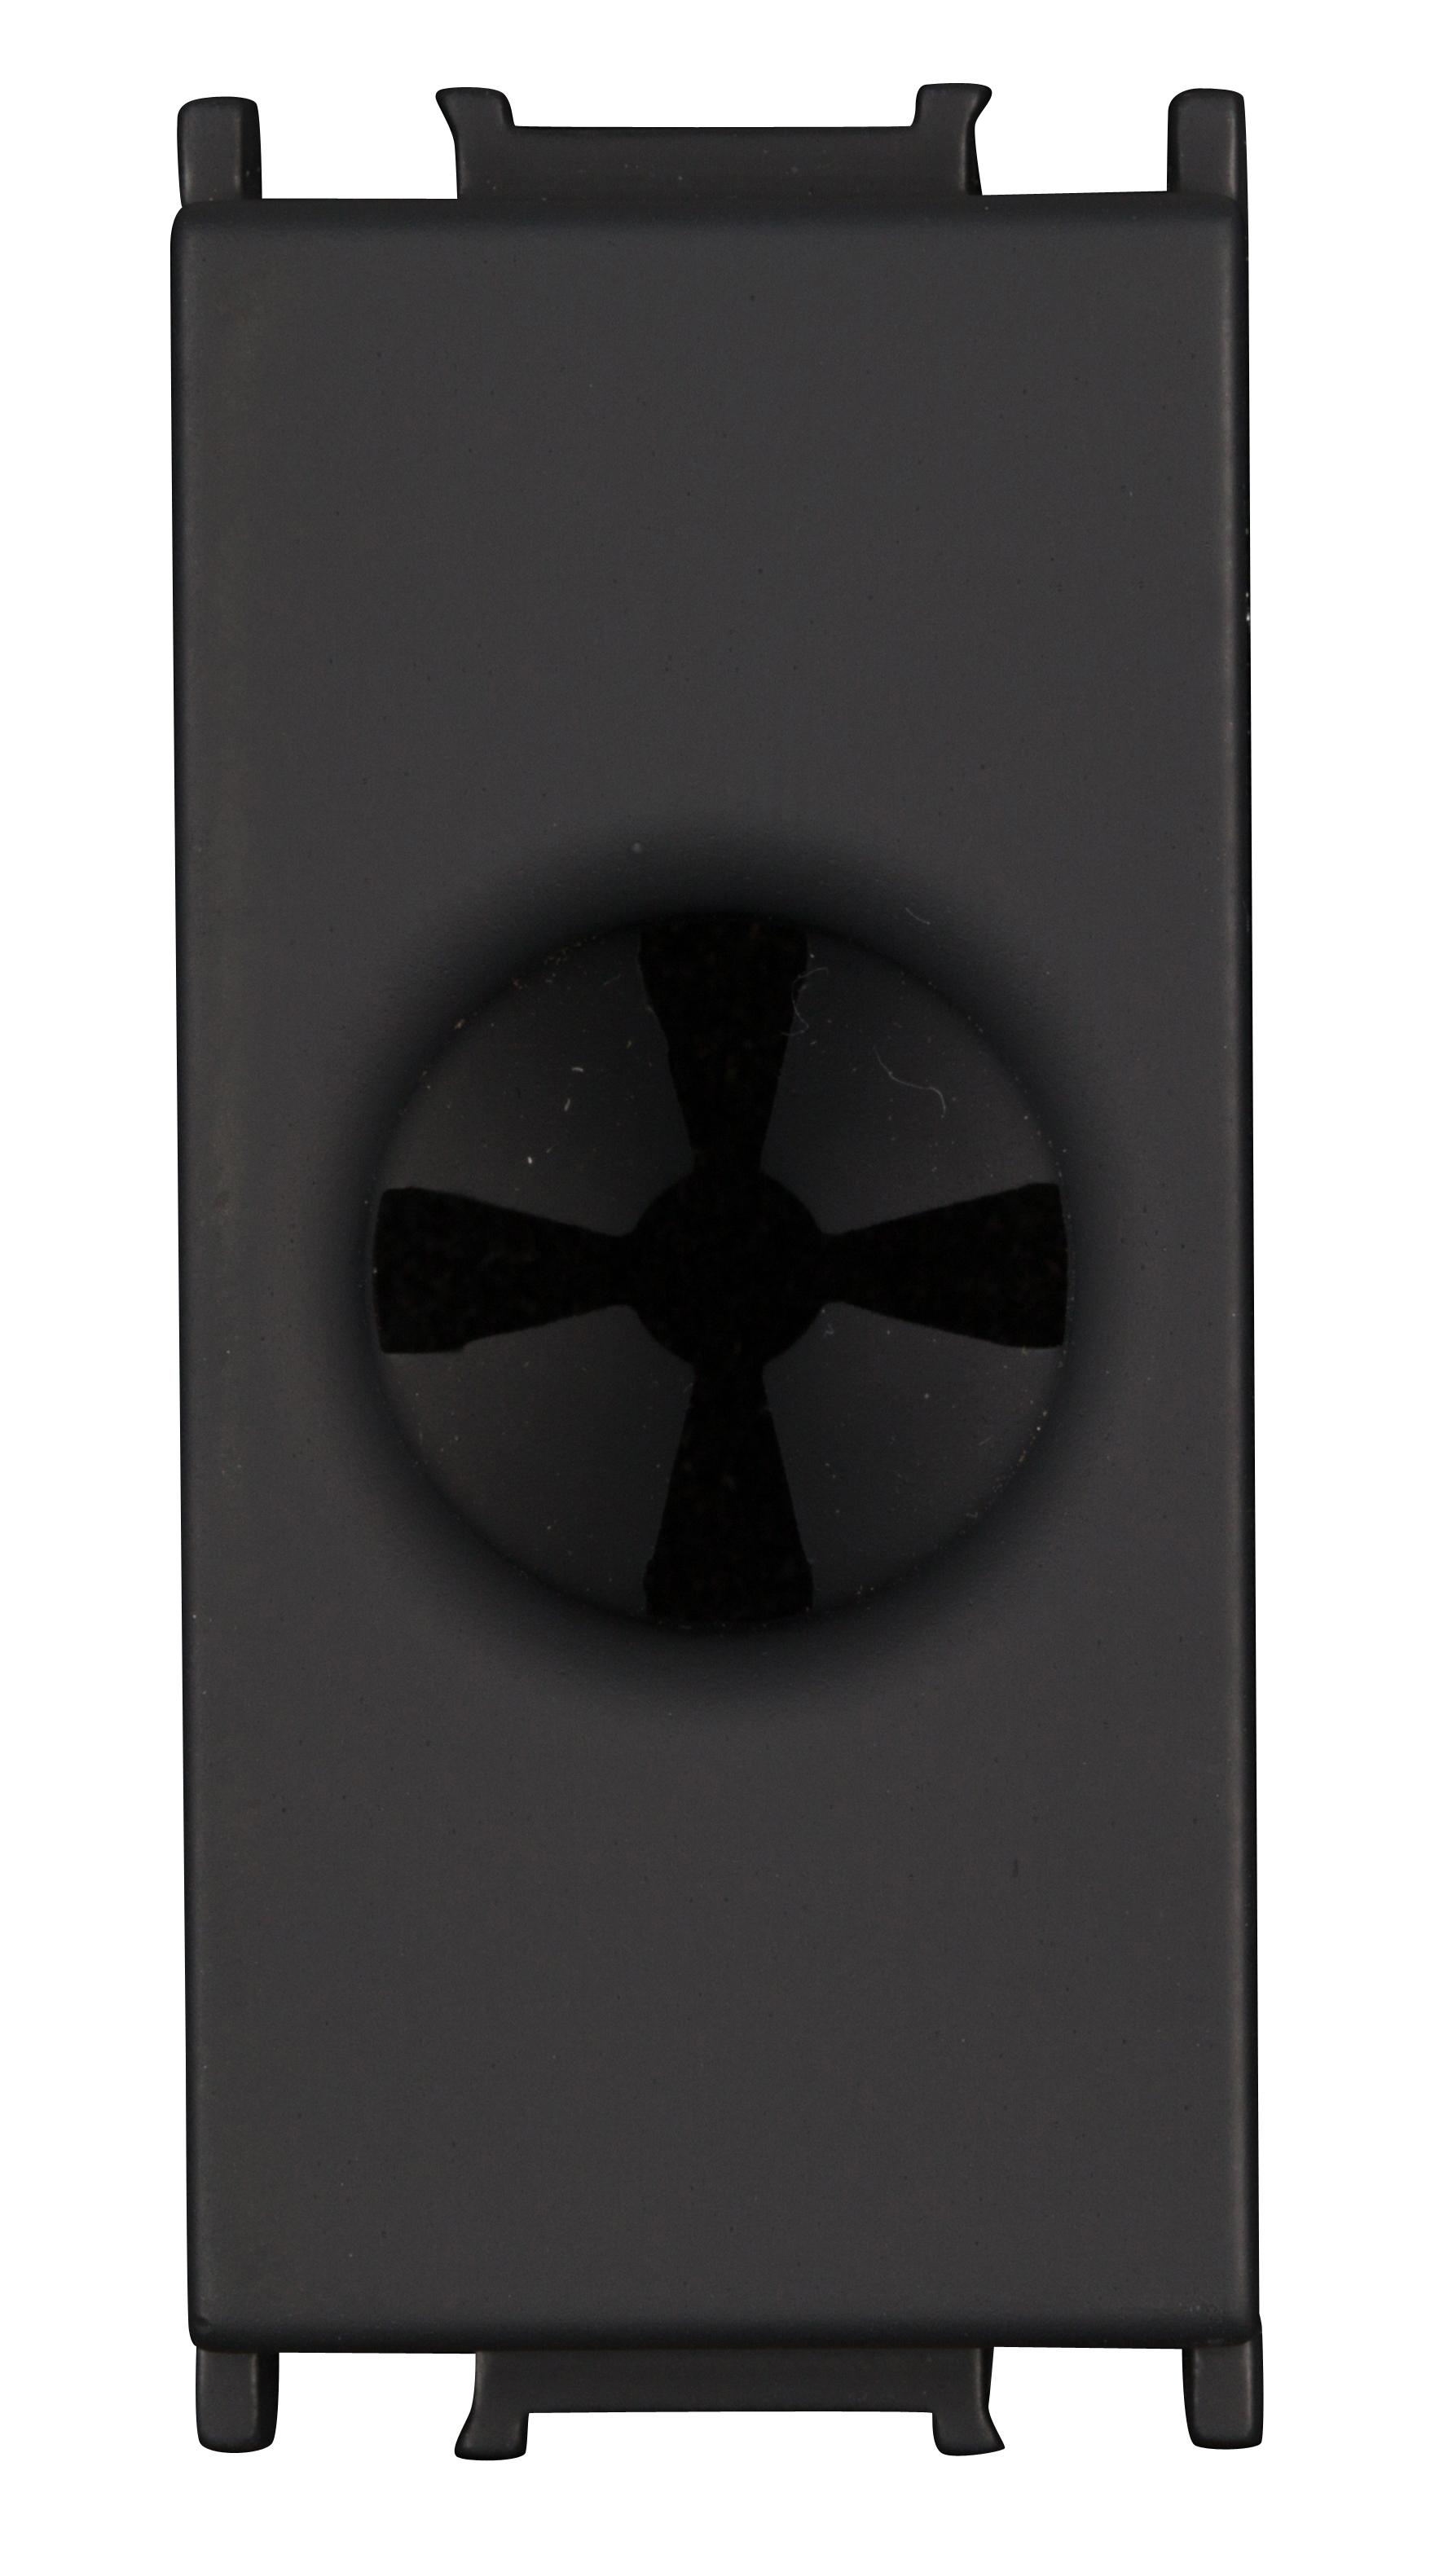 1 Stk Kabeleinführung 1M, schwarz ET112014--